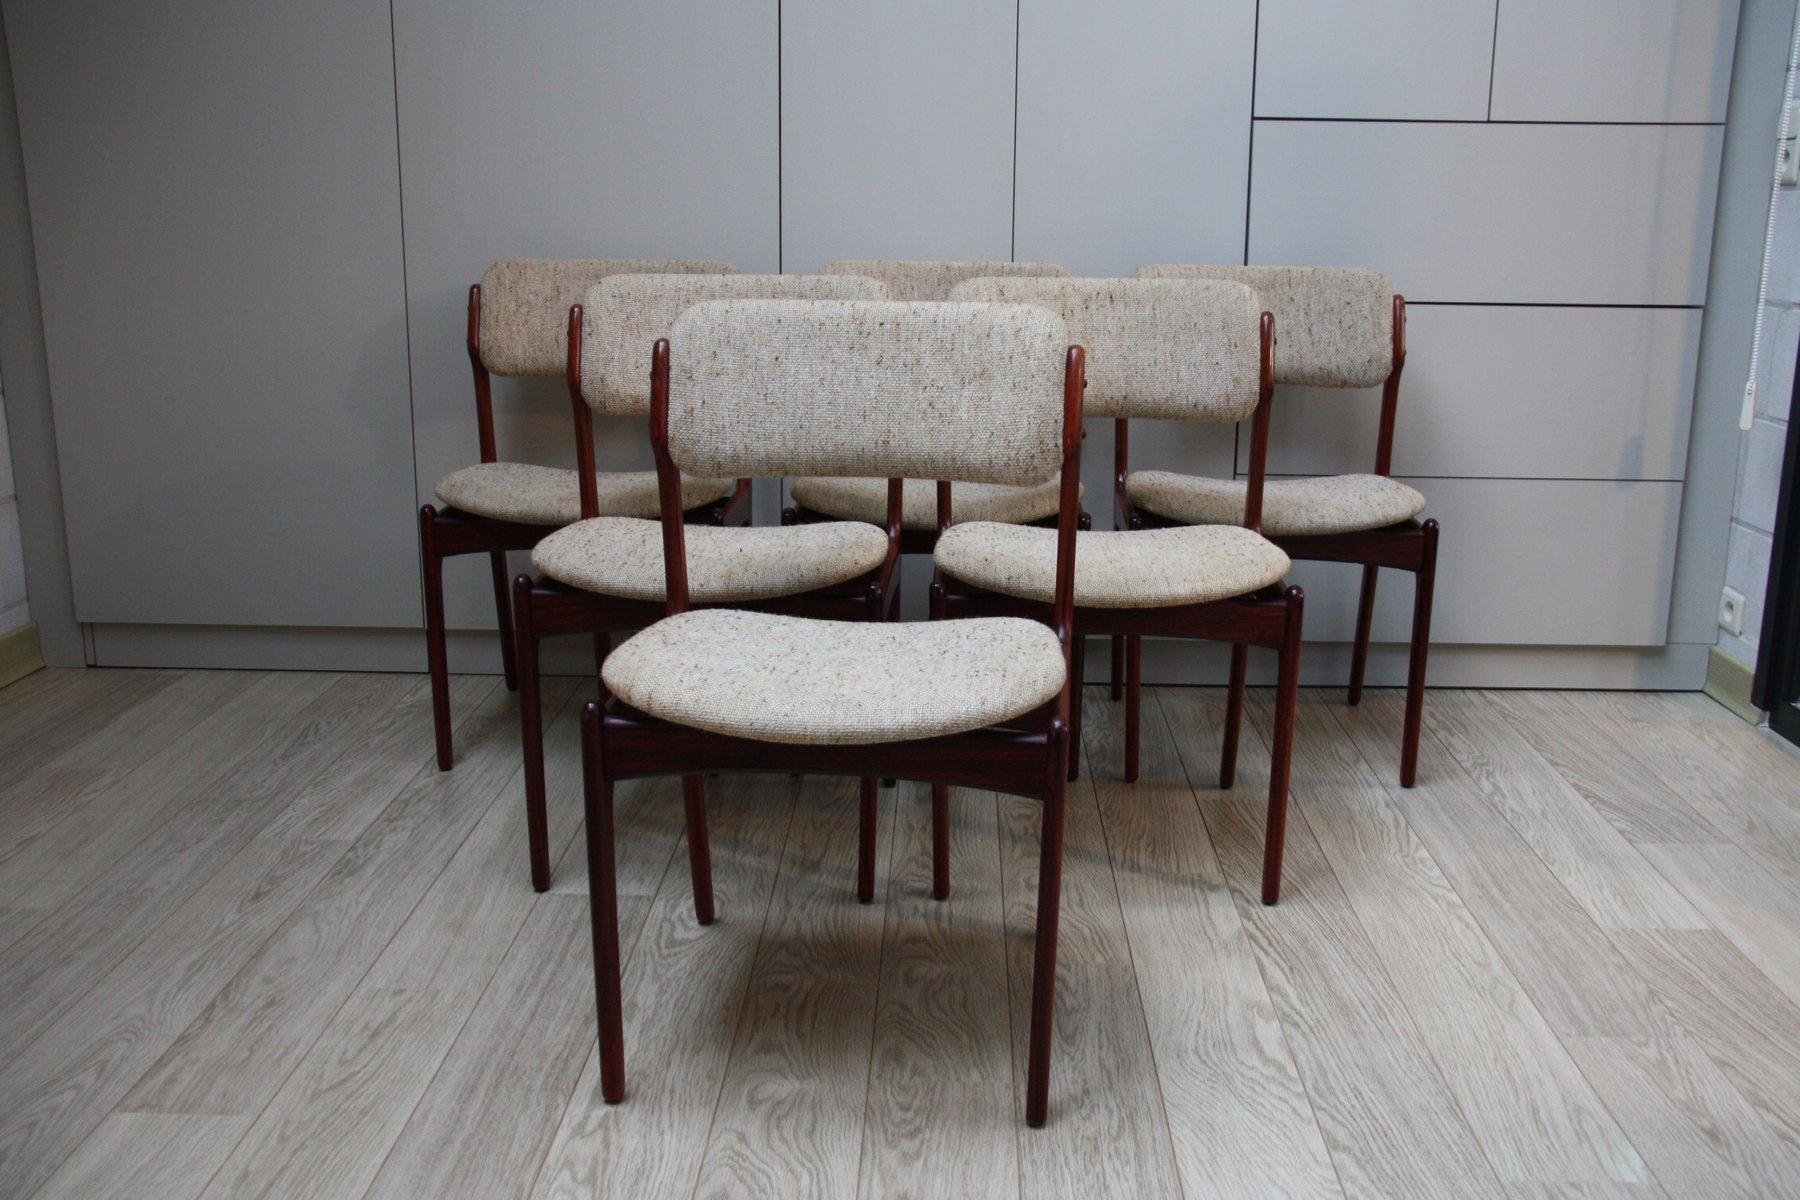 modell 49 palisander esszimmerstuehle von erik buch fuer o d mobler 1960er 6er set 1 Top Ergebnis